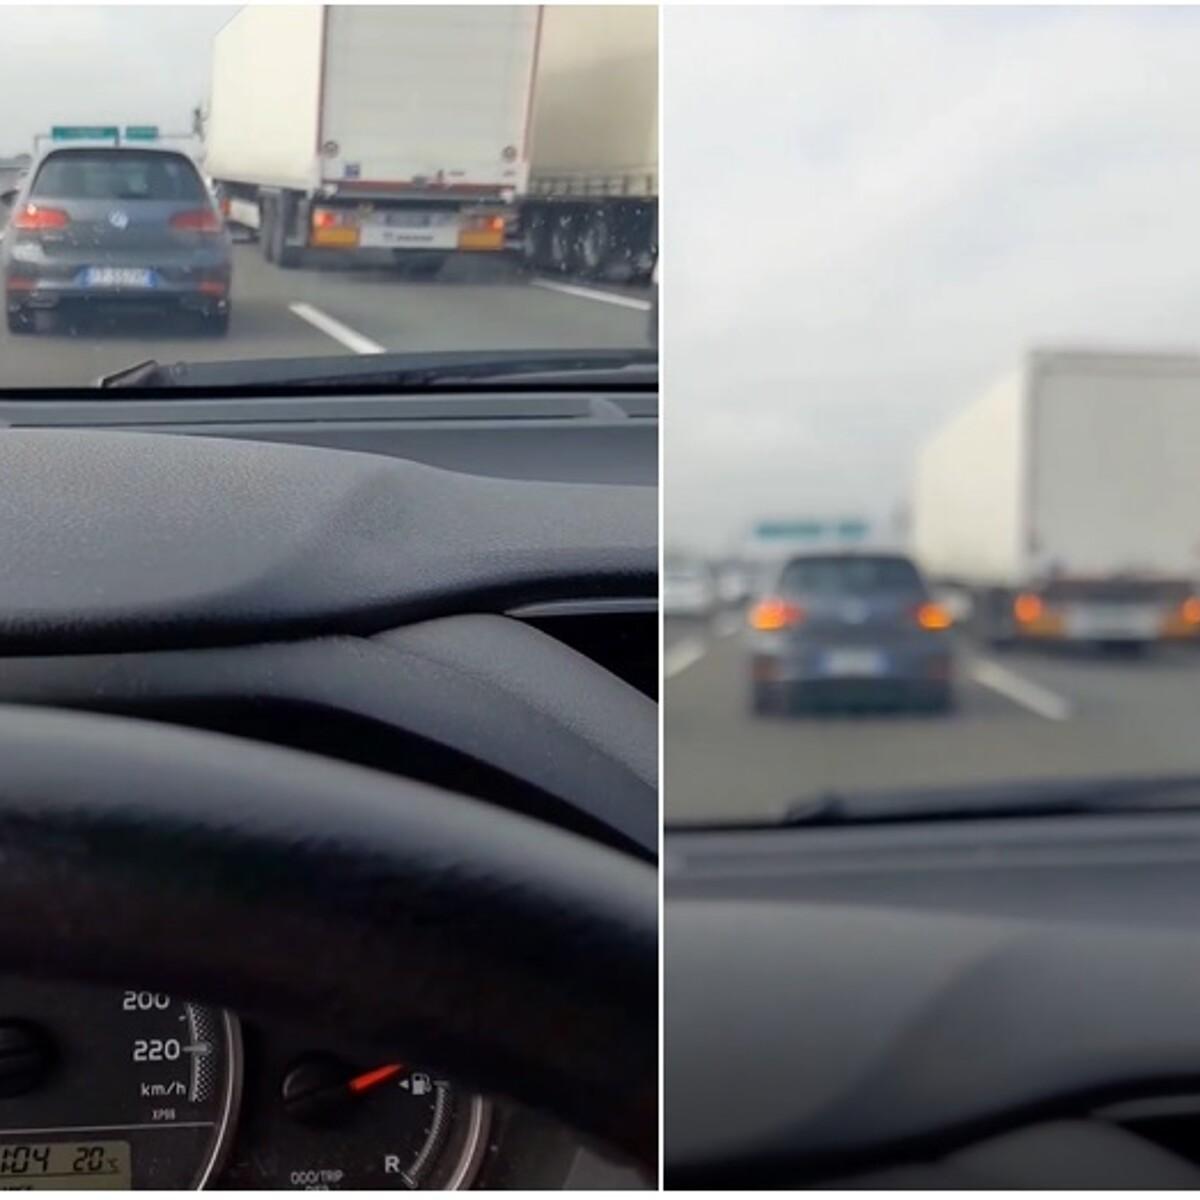 Lo sciopero dei camionisti contro il green pass è un flop (per ora)